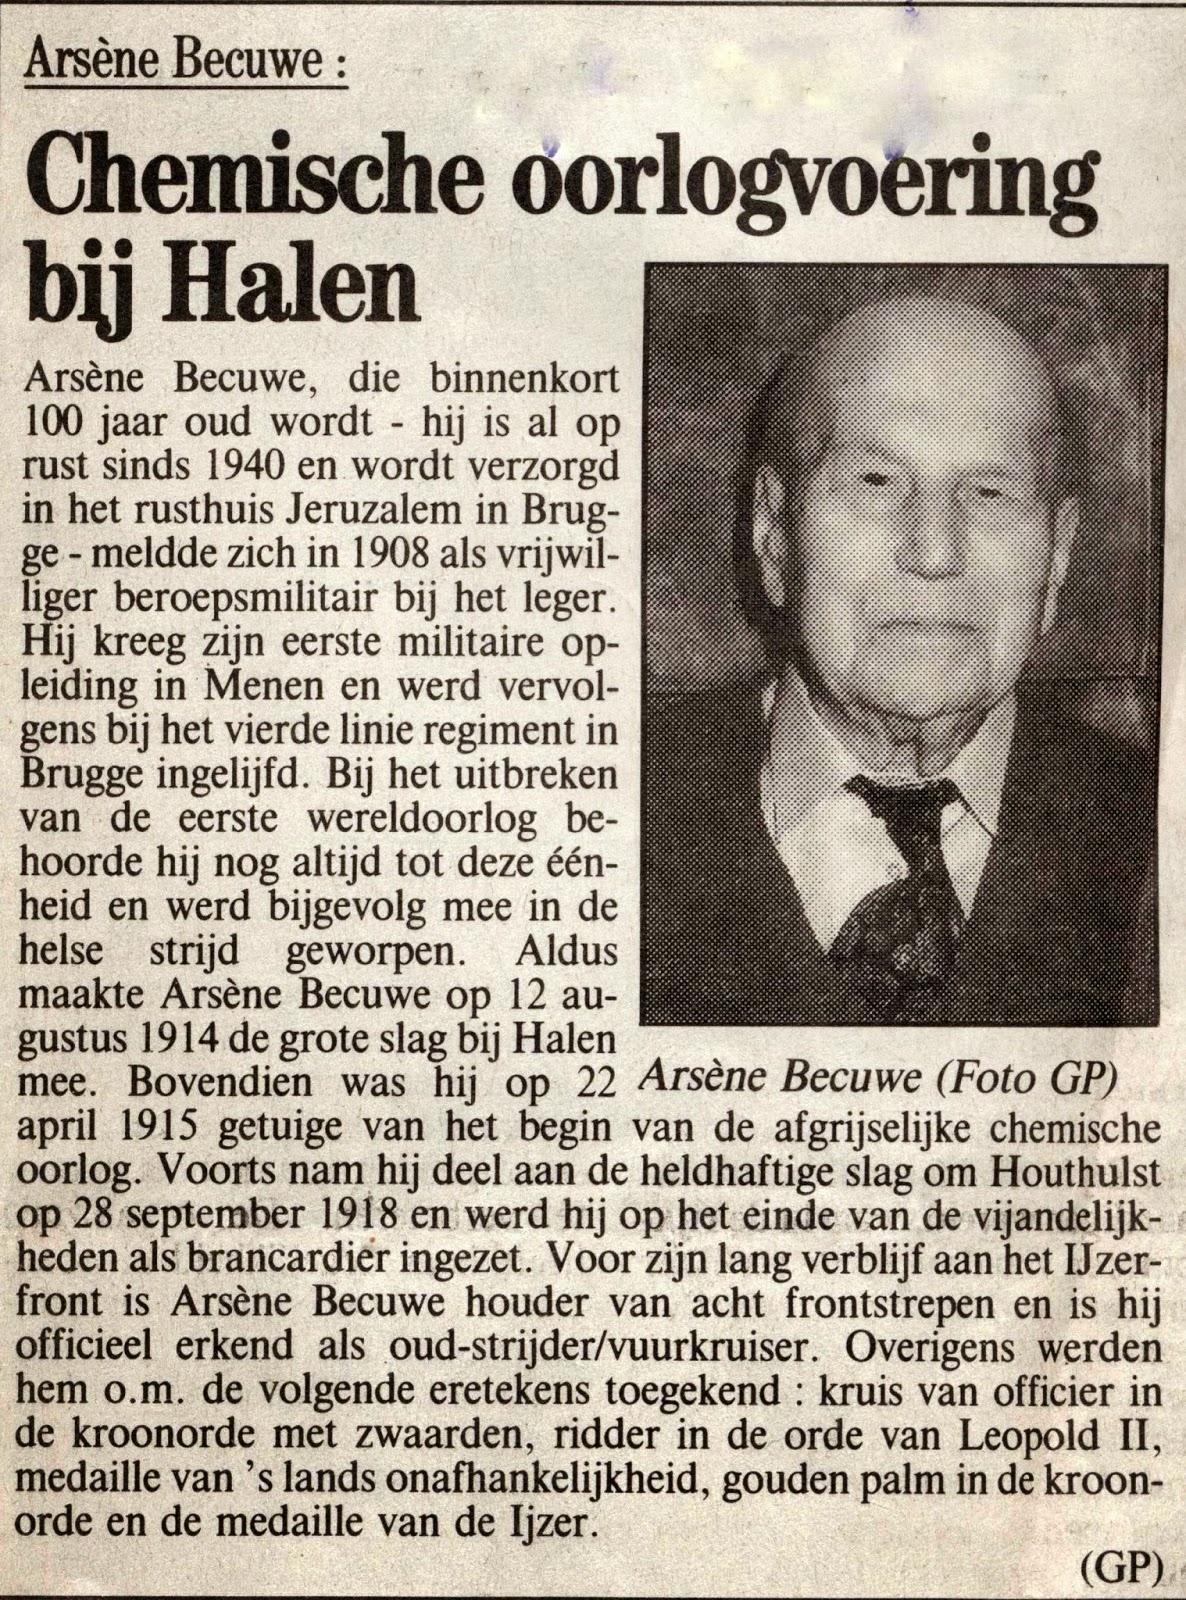 Krantenartikel met korte oorlogsbeschrijving over Arsène Becuwe.